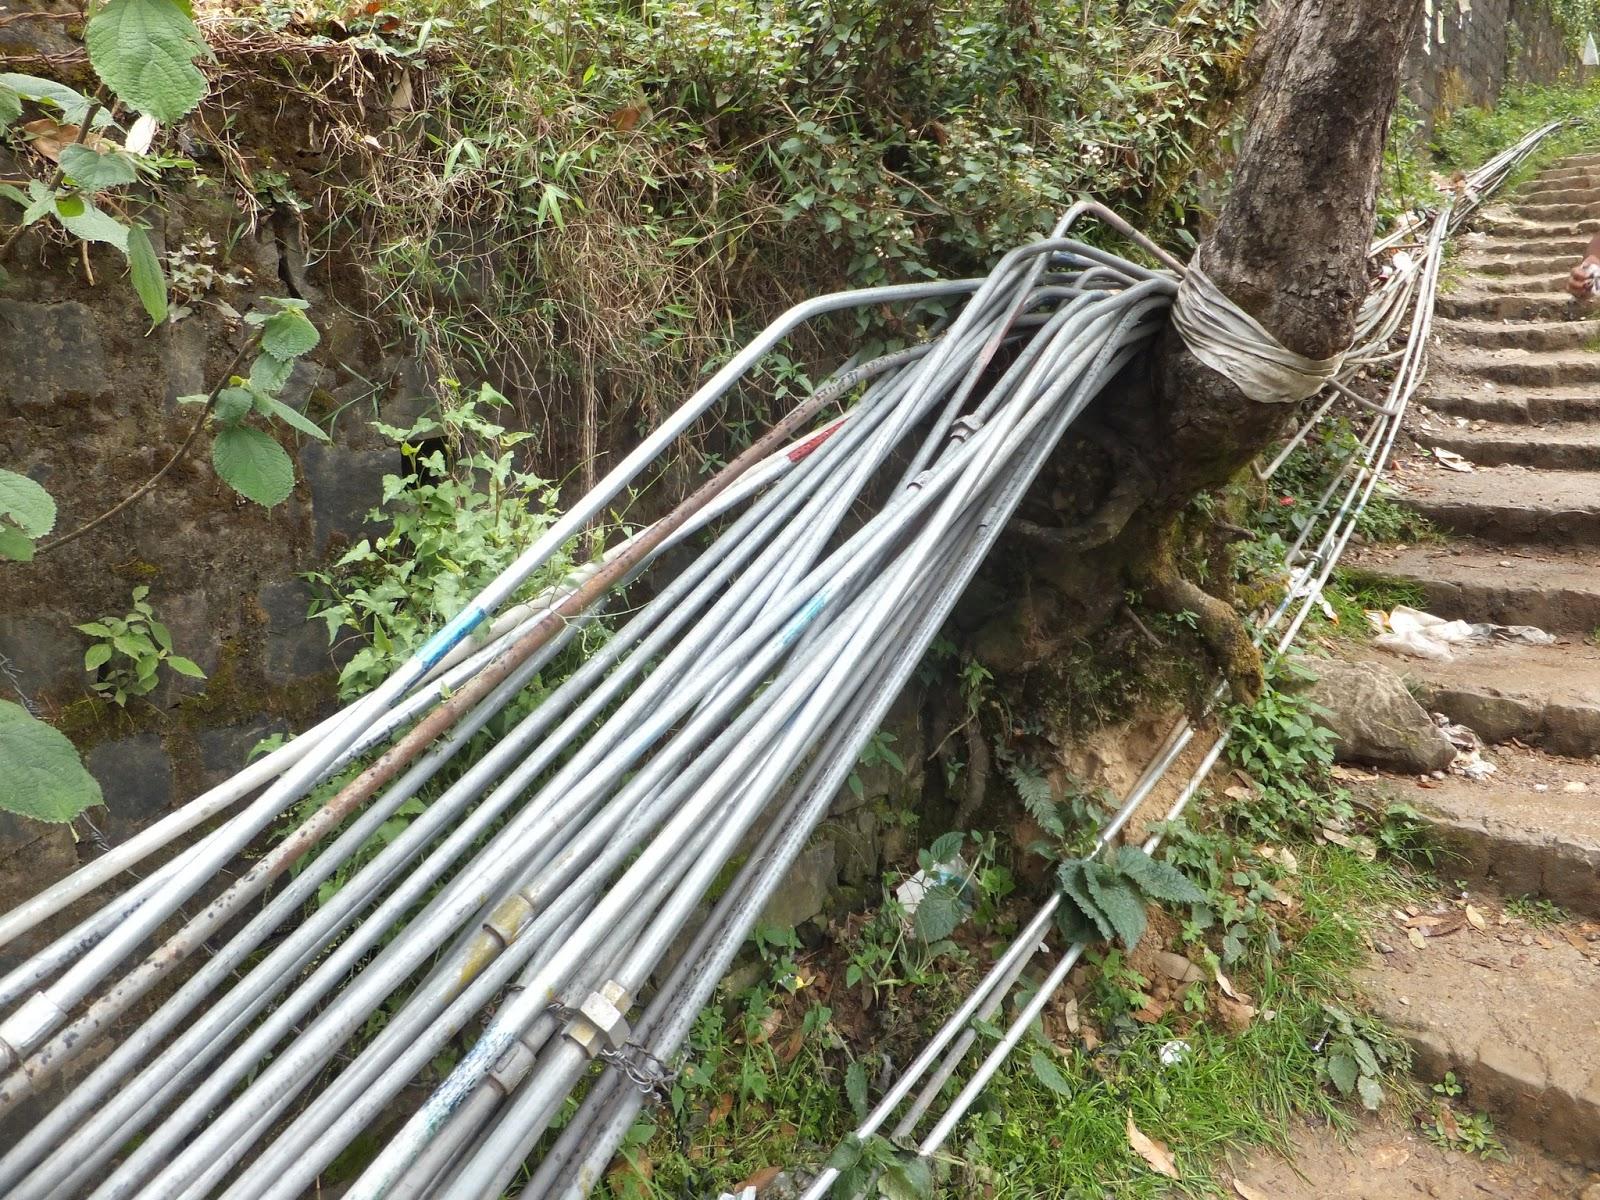 трубы водопровода в Индии